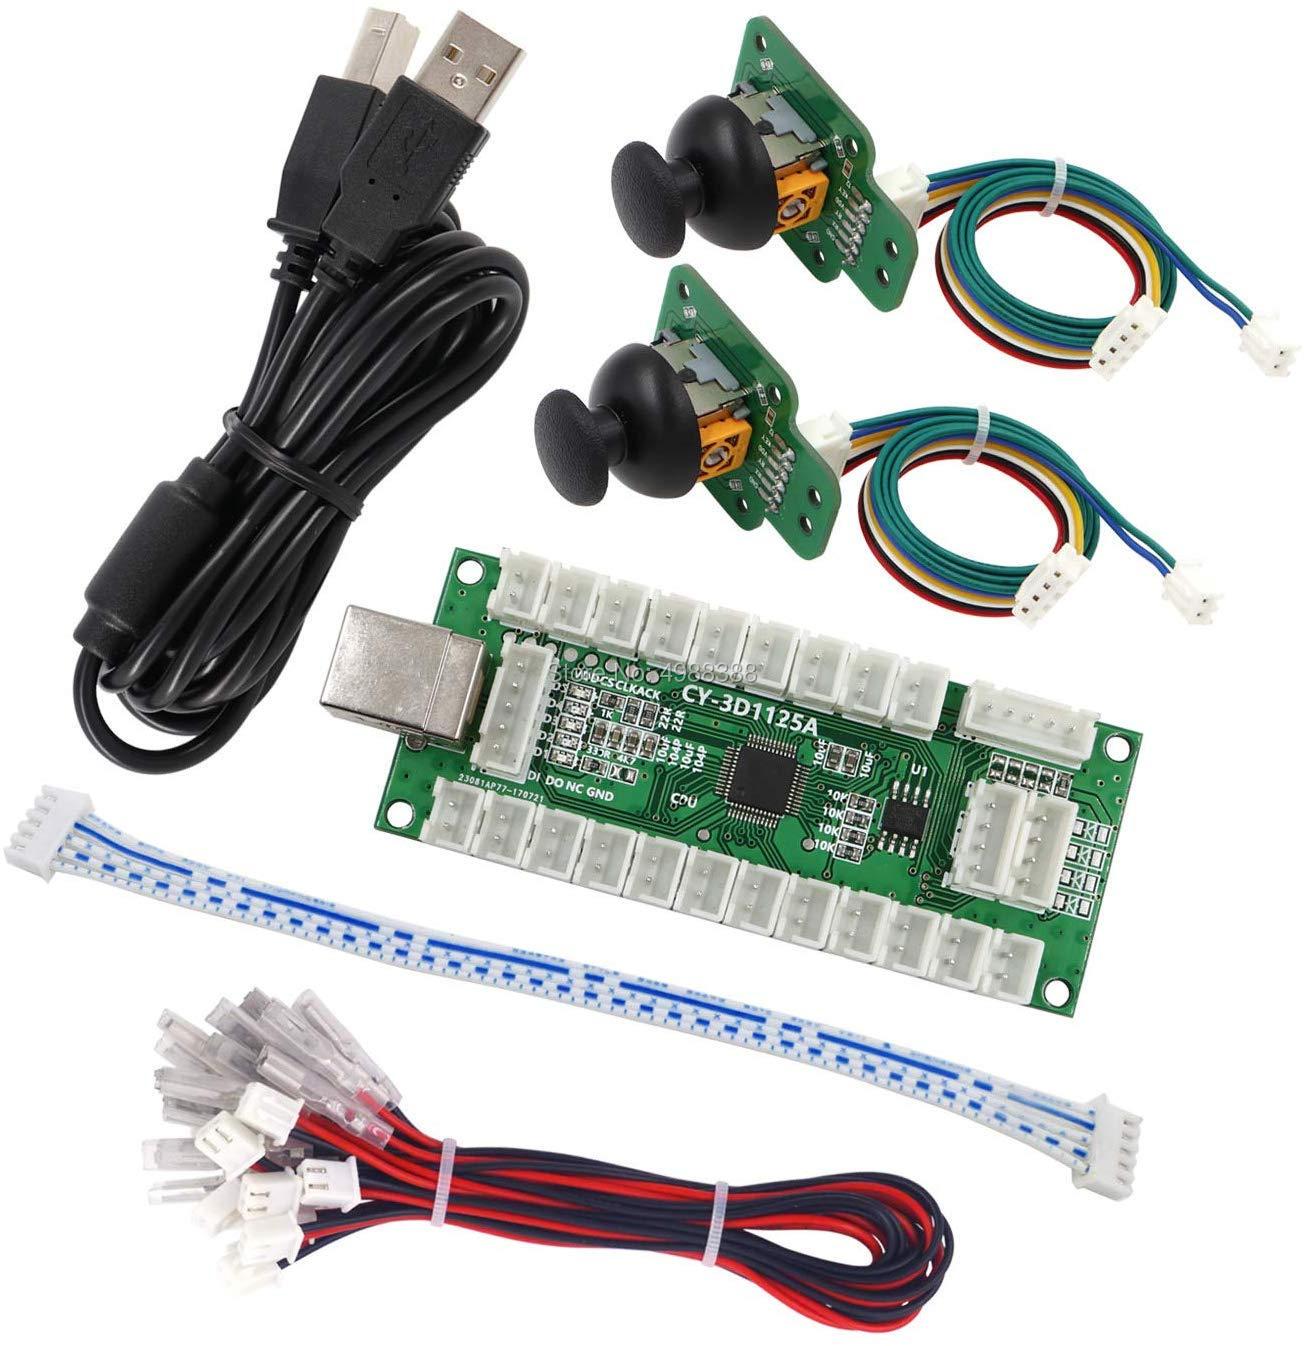 وحدة تحكم ألعاب أركيد ثلاثية الأبعاد مع مستشعر عصا تناظرية ، وحدة تحكم USB ، كابل تشفير USB للكمبيوتر الشخصي ، MAME ، PS3 ، Android